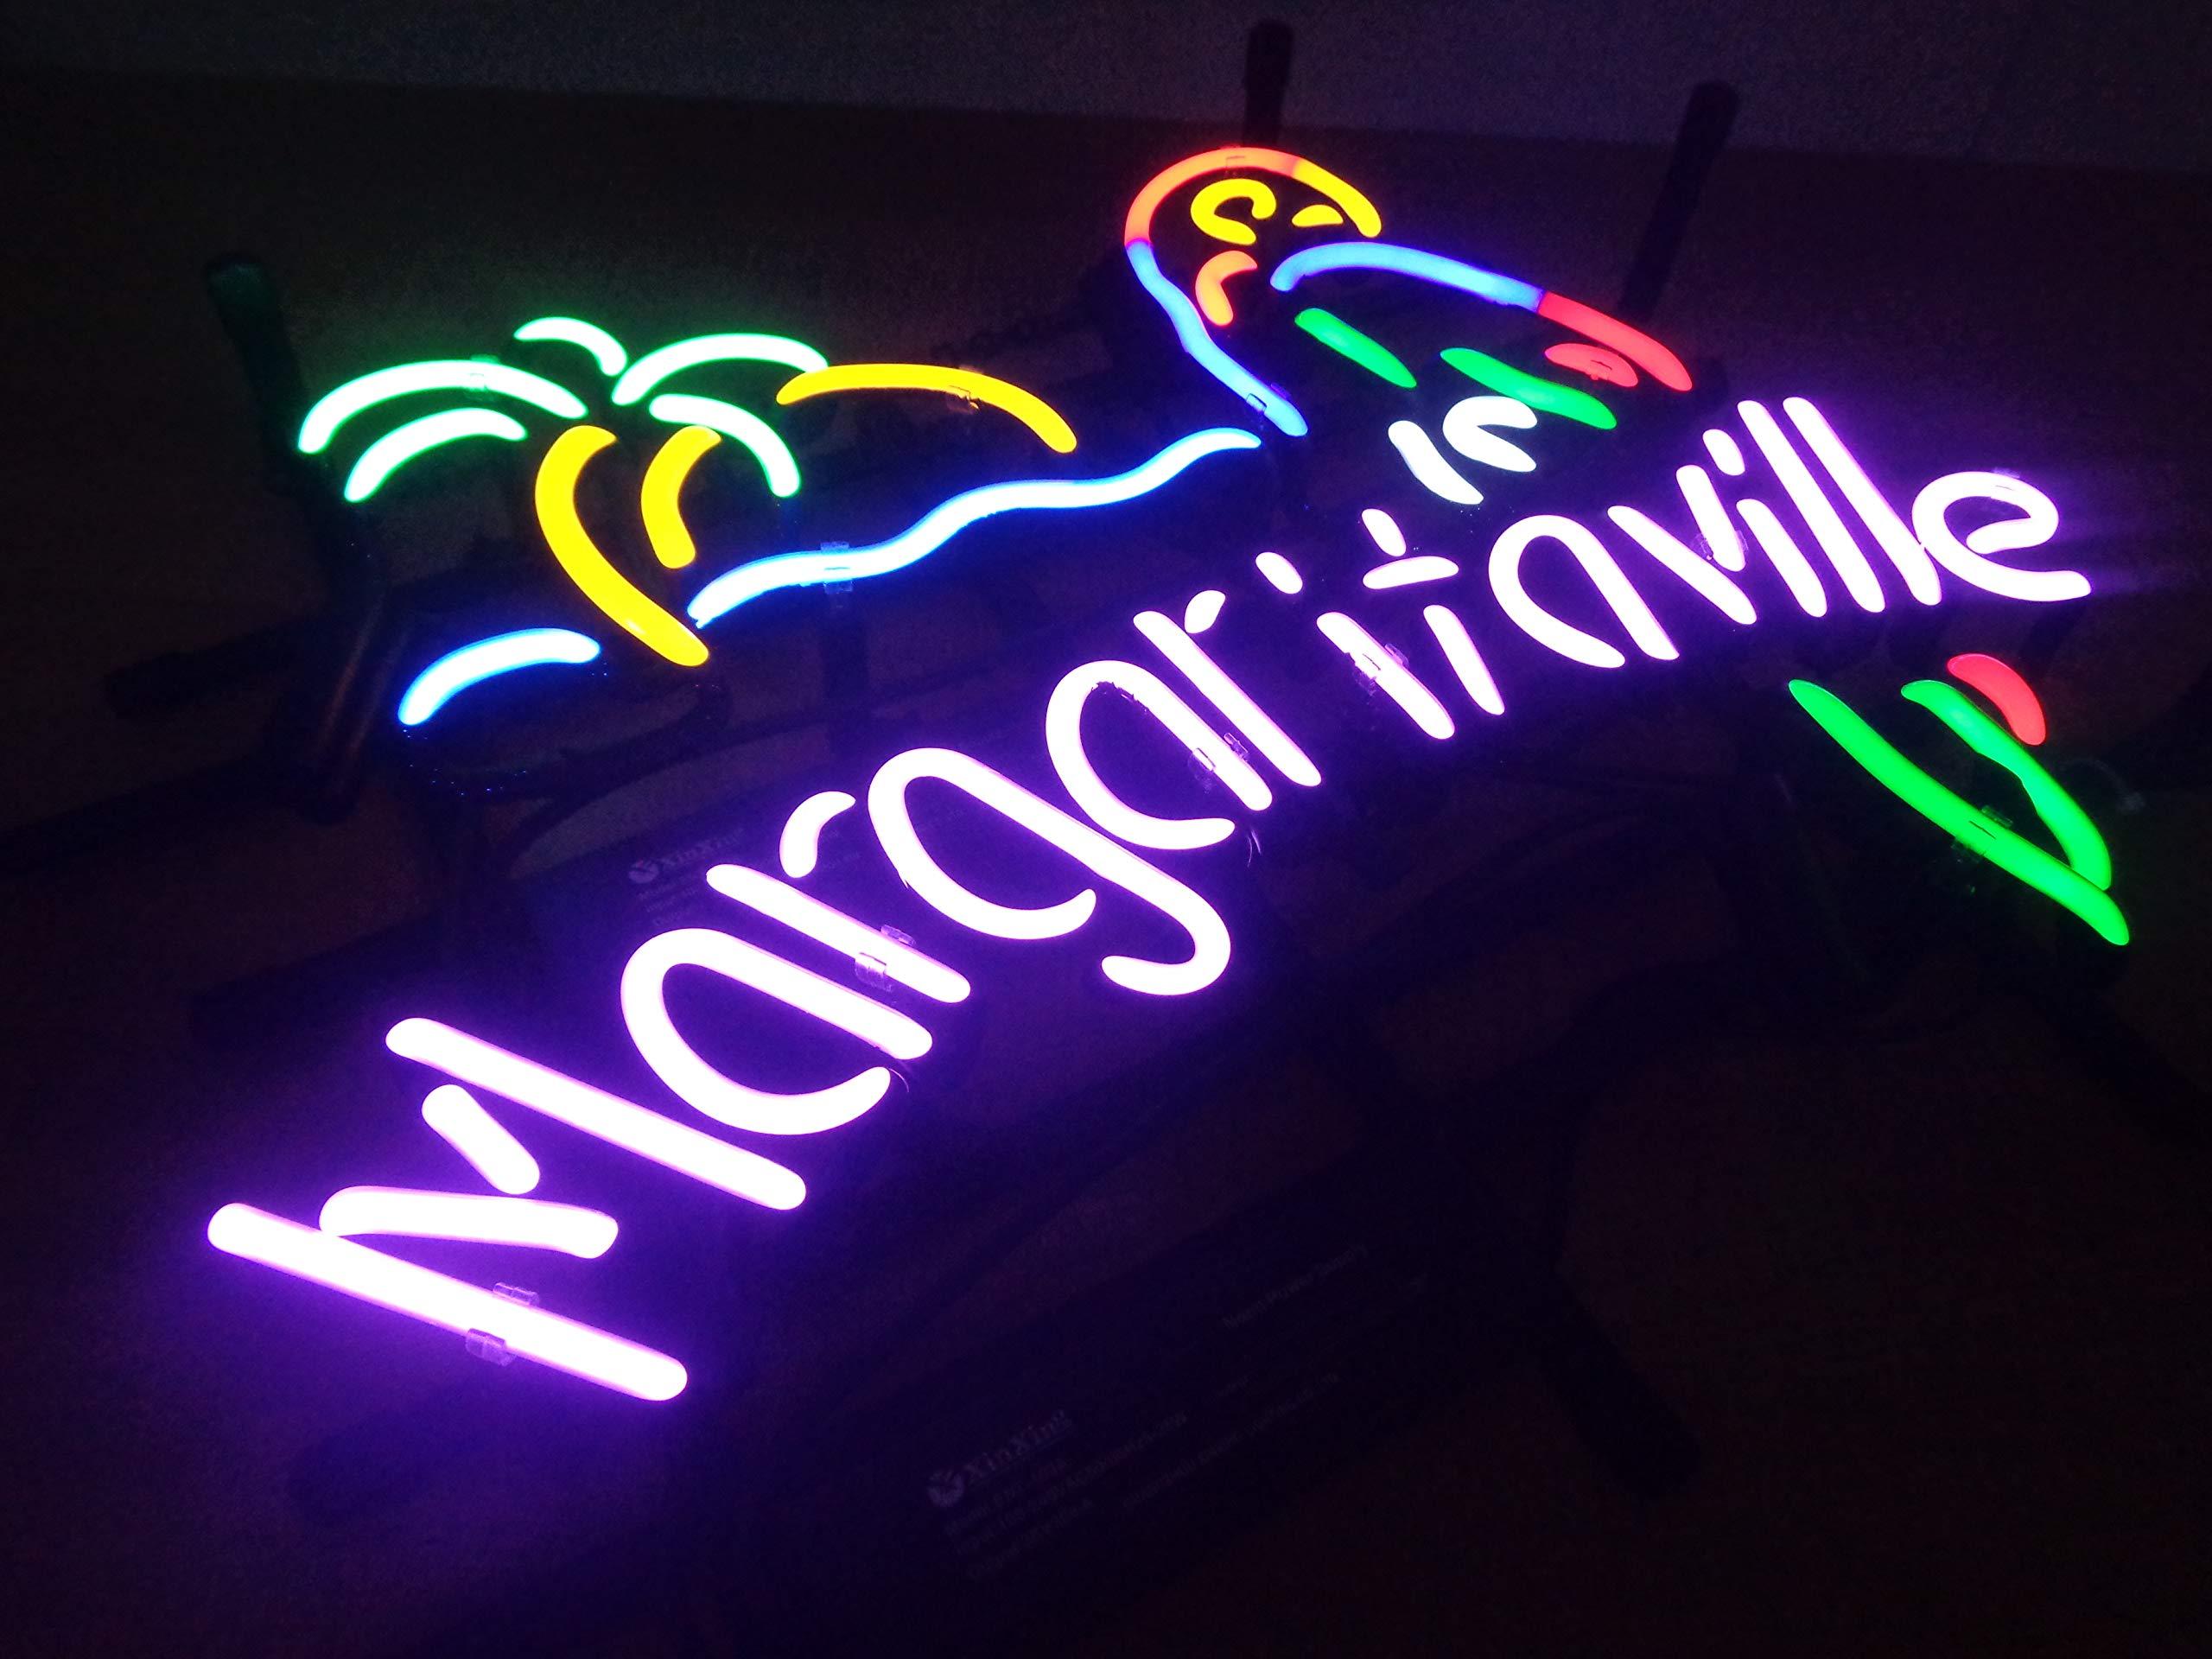 Margaritaville Metal Frame Neon Sign 4232CM Real Glass Neon Sign Light for Beer Bar Pub Garage Room. ...